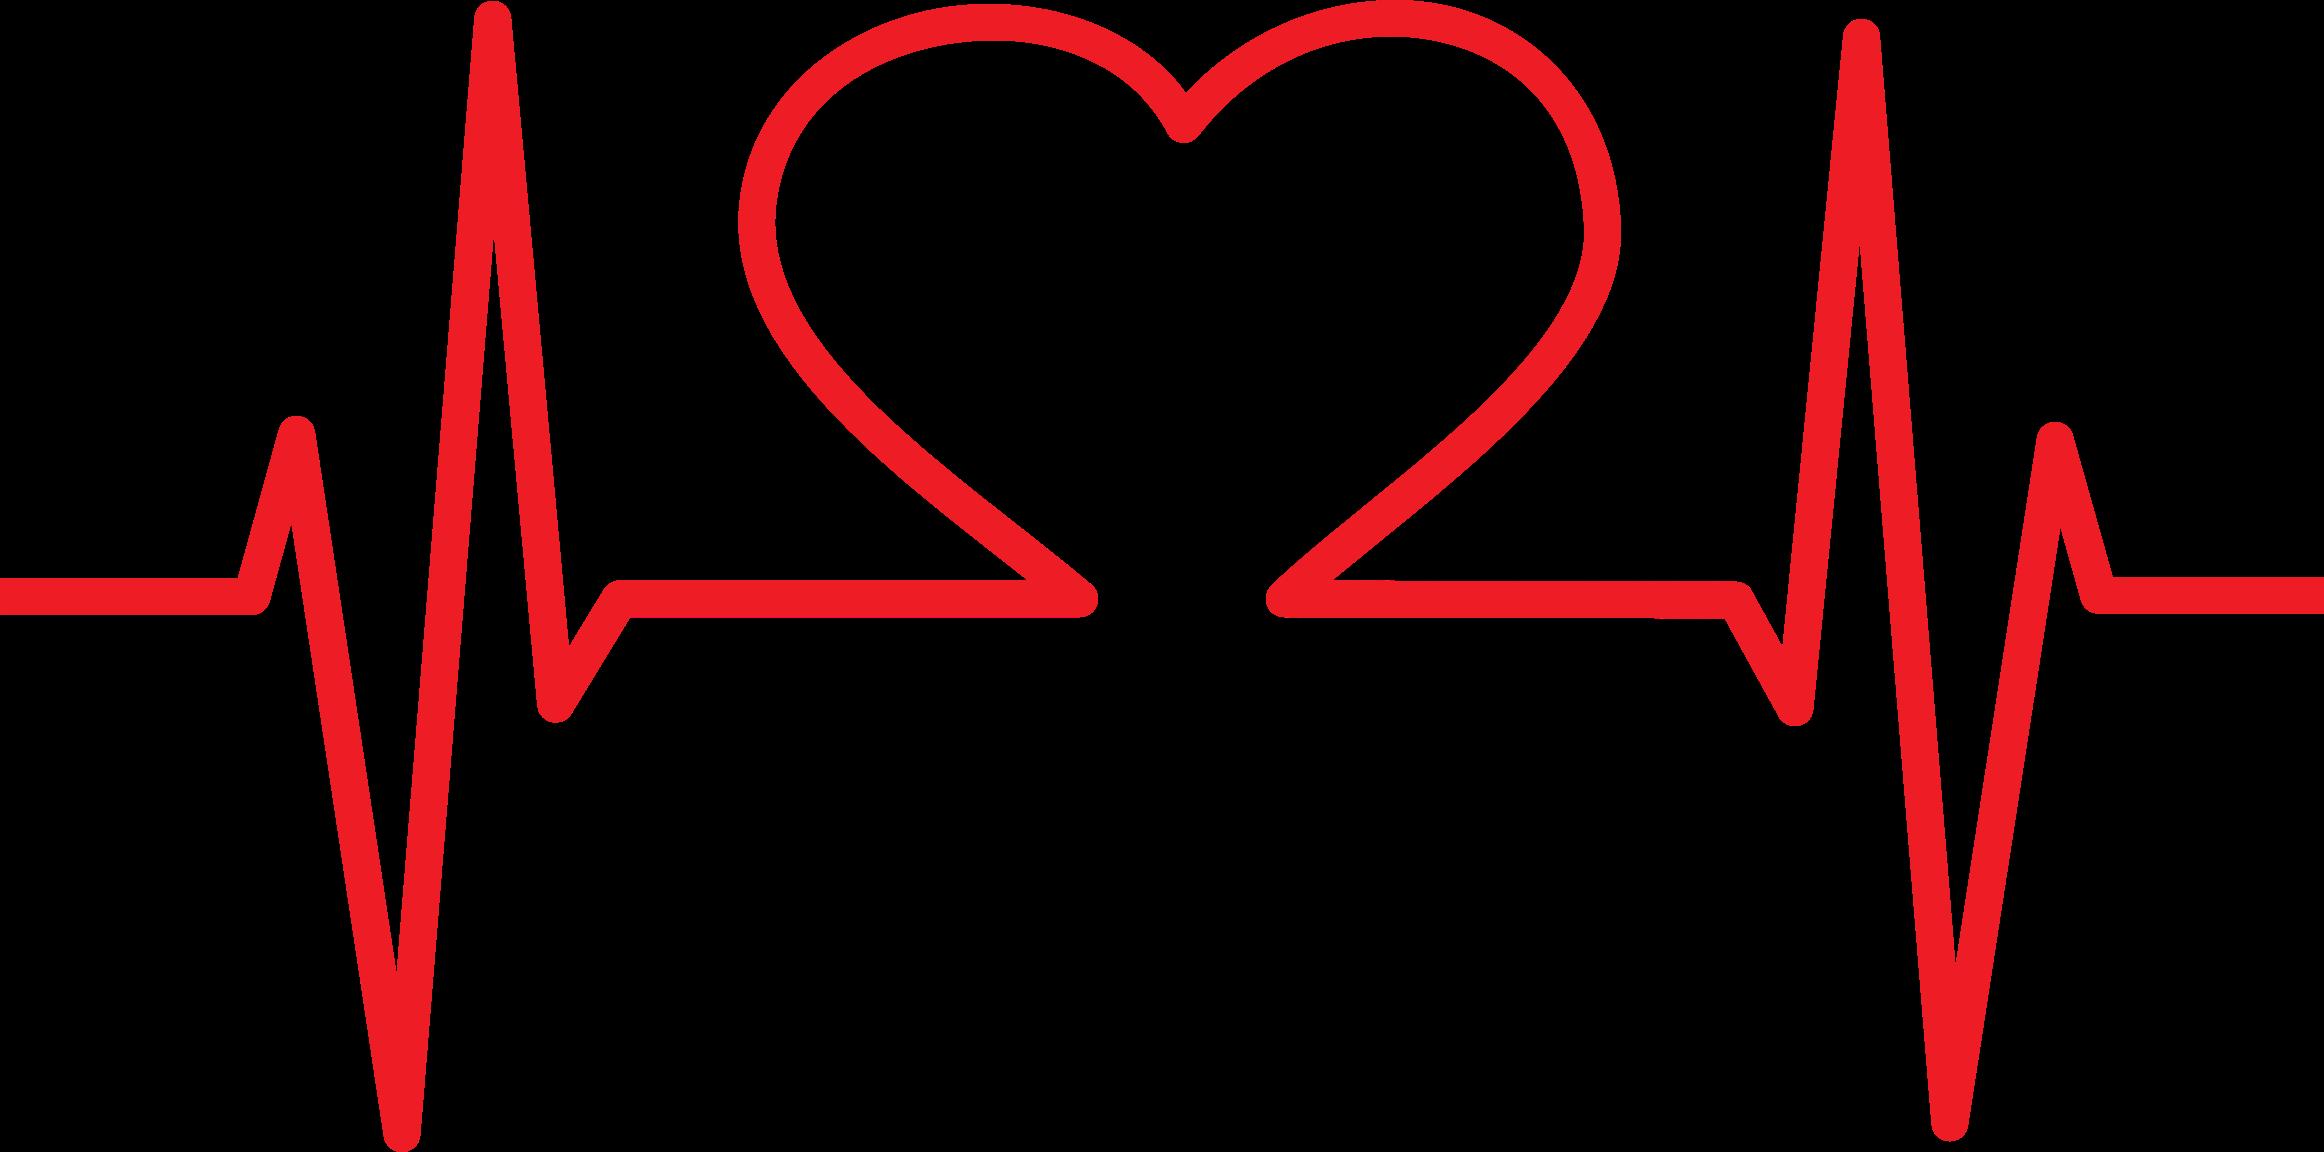 Beats clipart ekg rhythm Heart EKG EKG Clipart Heart